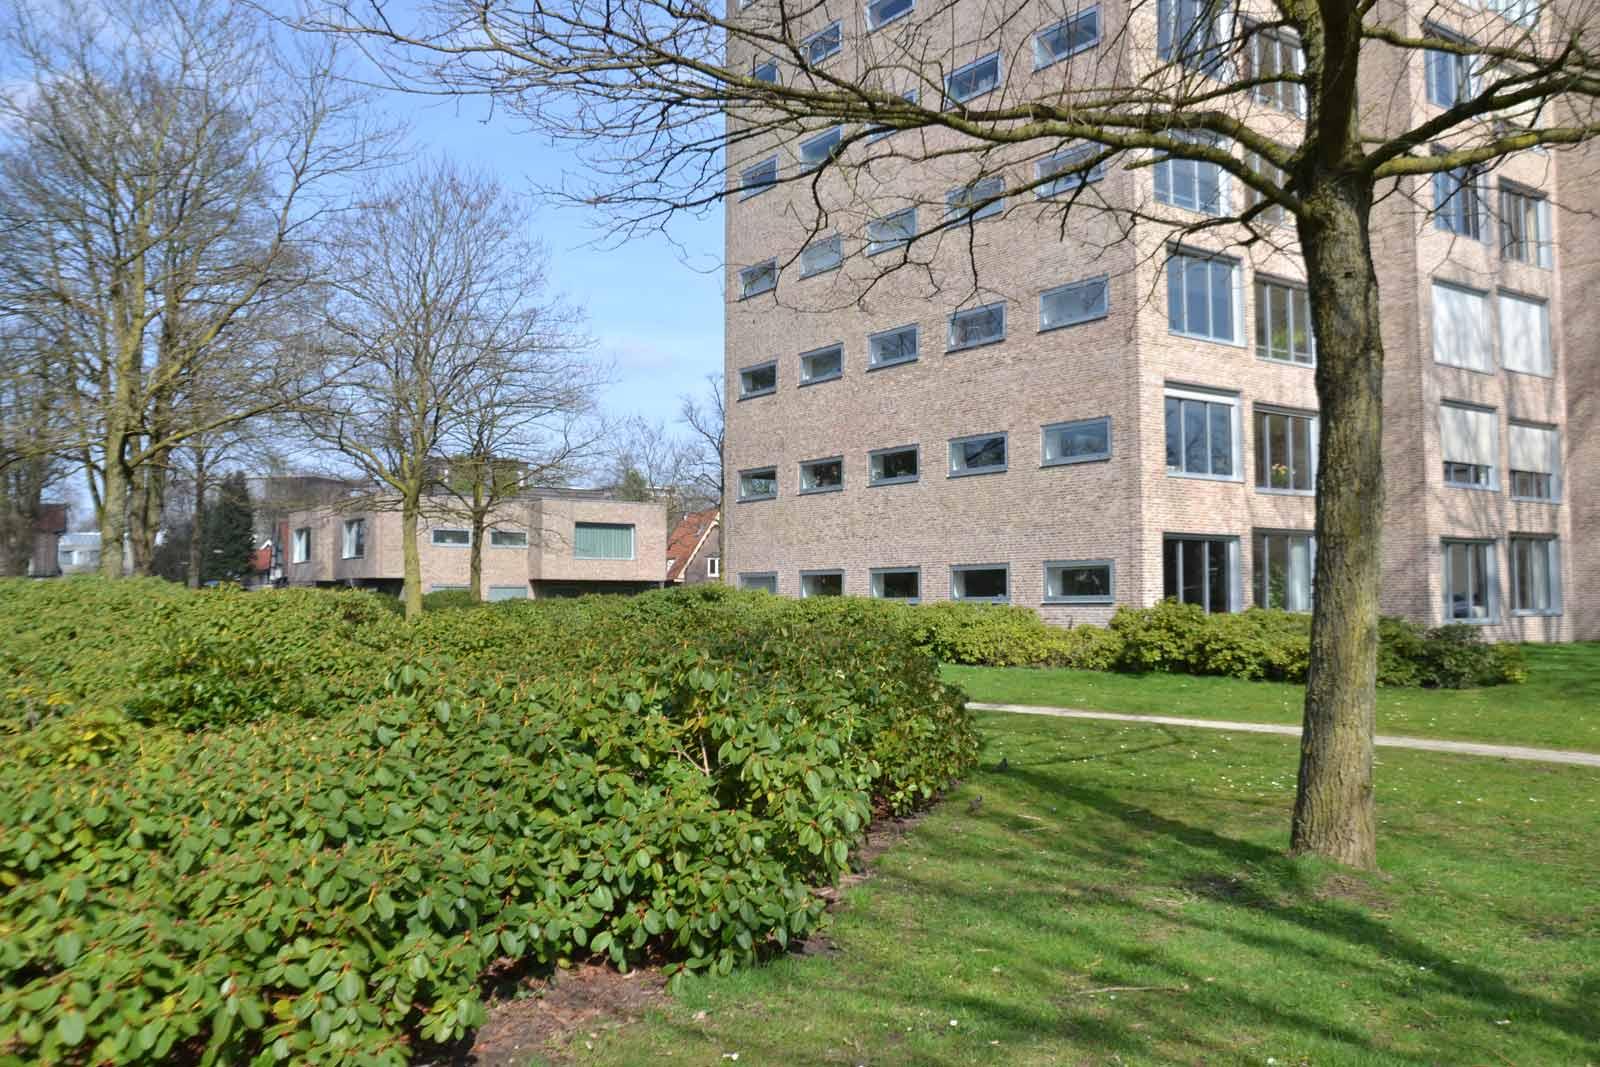 Diekman-landschapsarchitecten_-GGD-terrein-Apeldoorn_Claus-en-Kaan-archietceten_foto9